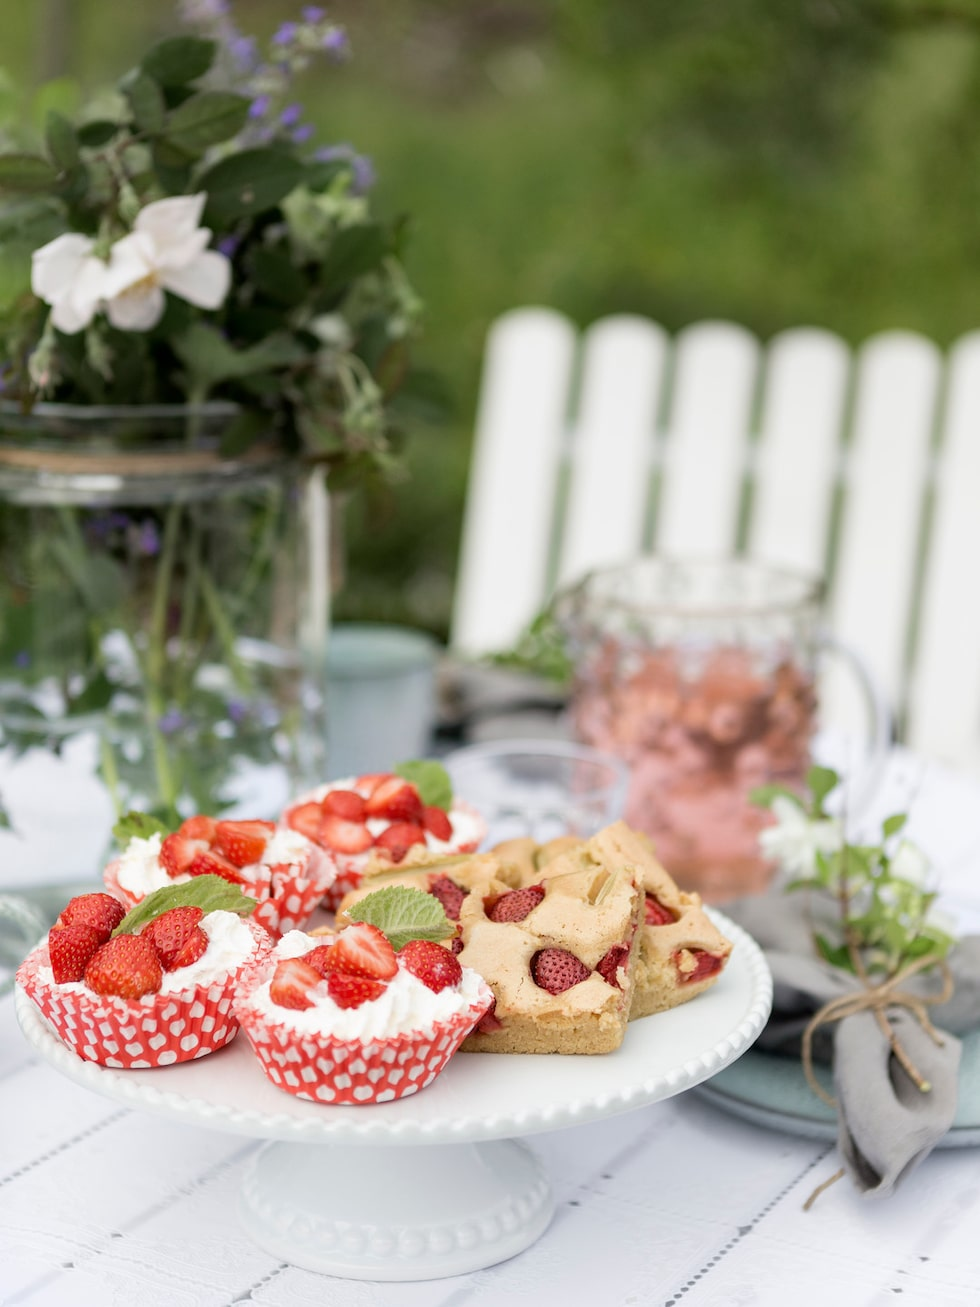 Det är uppdukat för somrigt fika i trädgården med hembakade kakor. Kakfat, Mio.